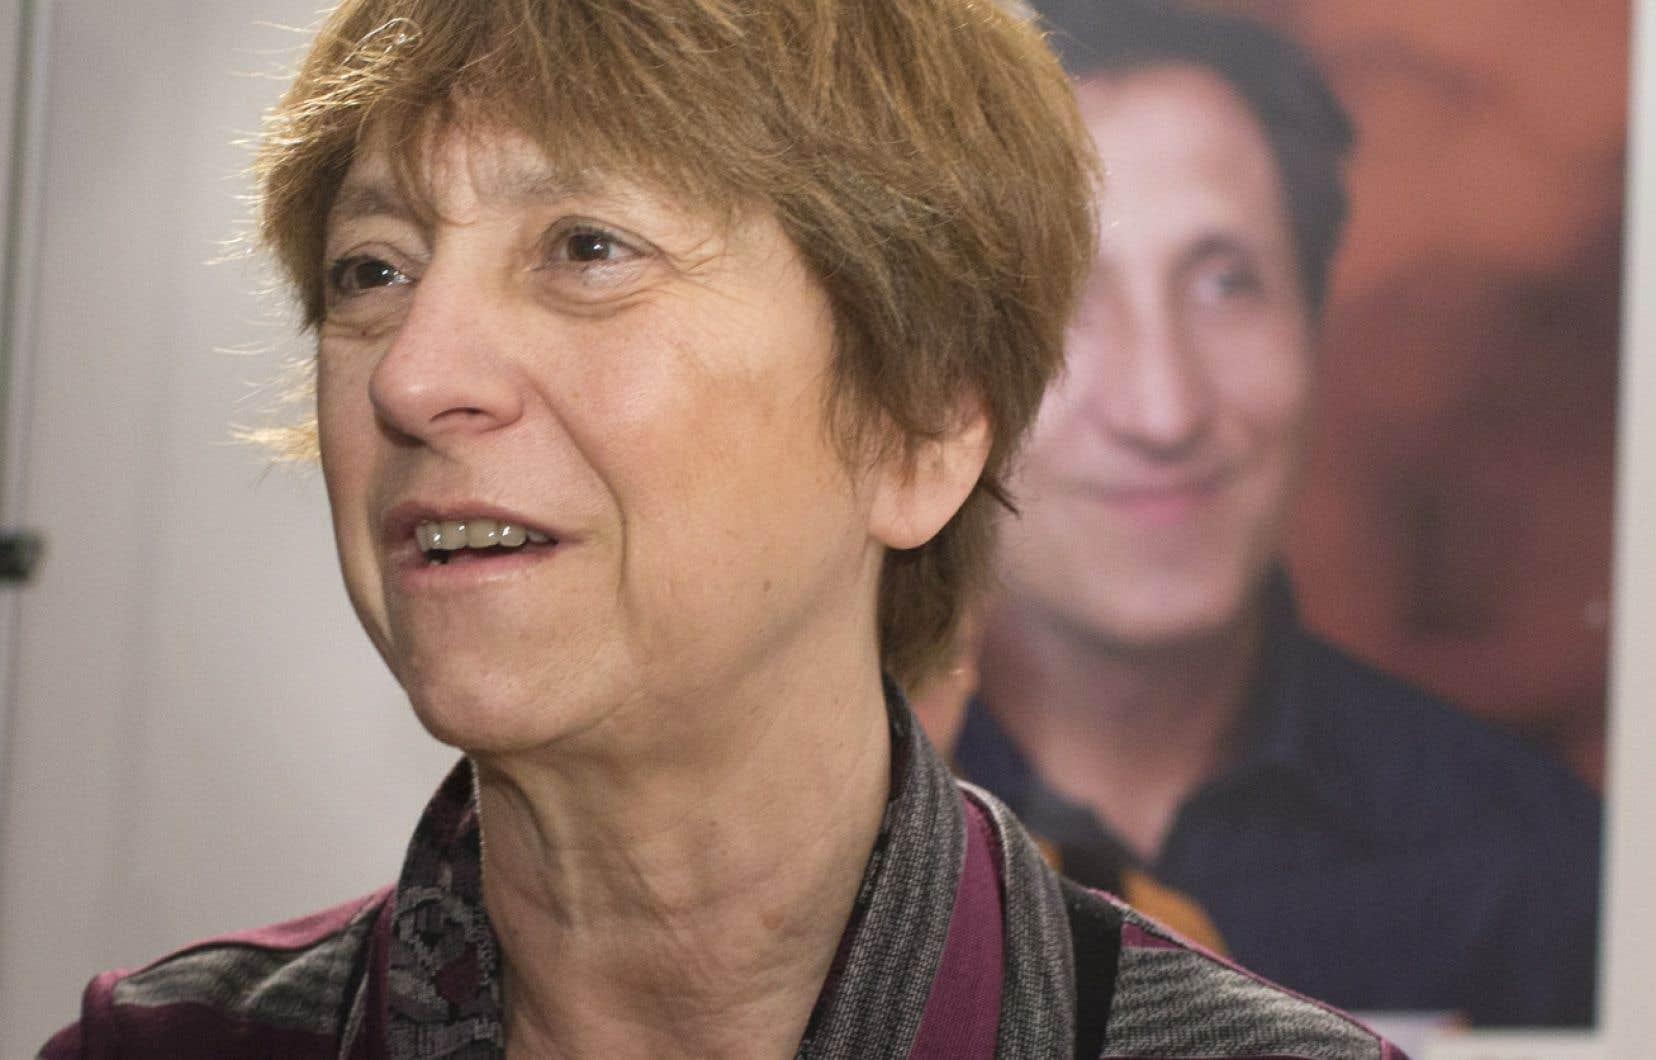 La porte-parole parlementaire de QS, Françoise David, a exposé samedi ce qui a, récemment, contribué à alimenter l'angoisse au sein de sa formation politique.